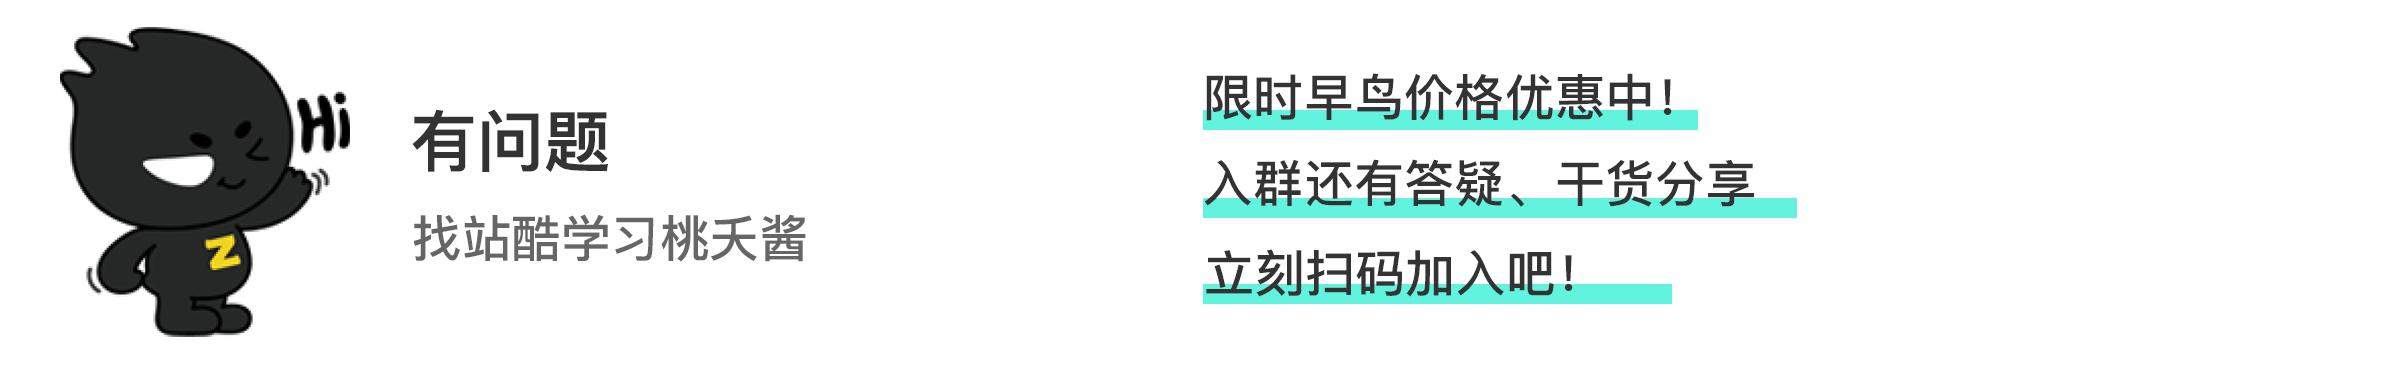 零基础Ai商业插画全能班